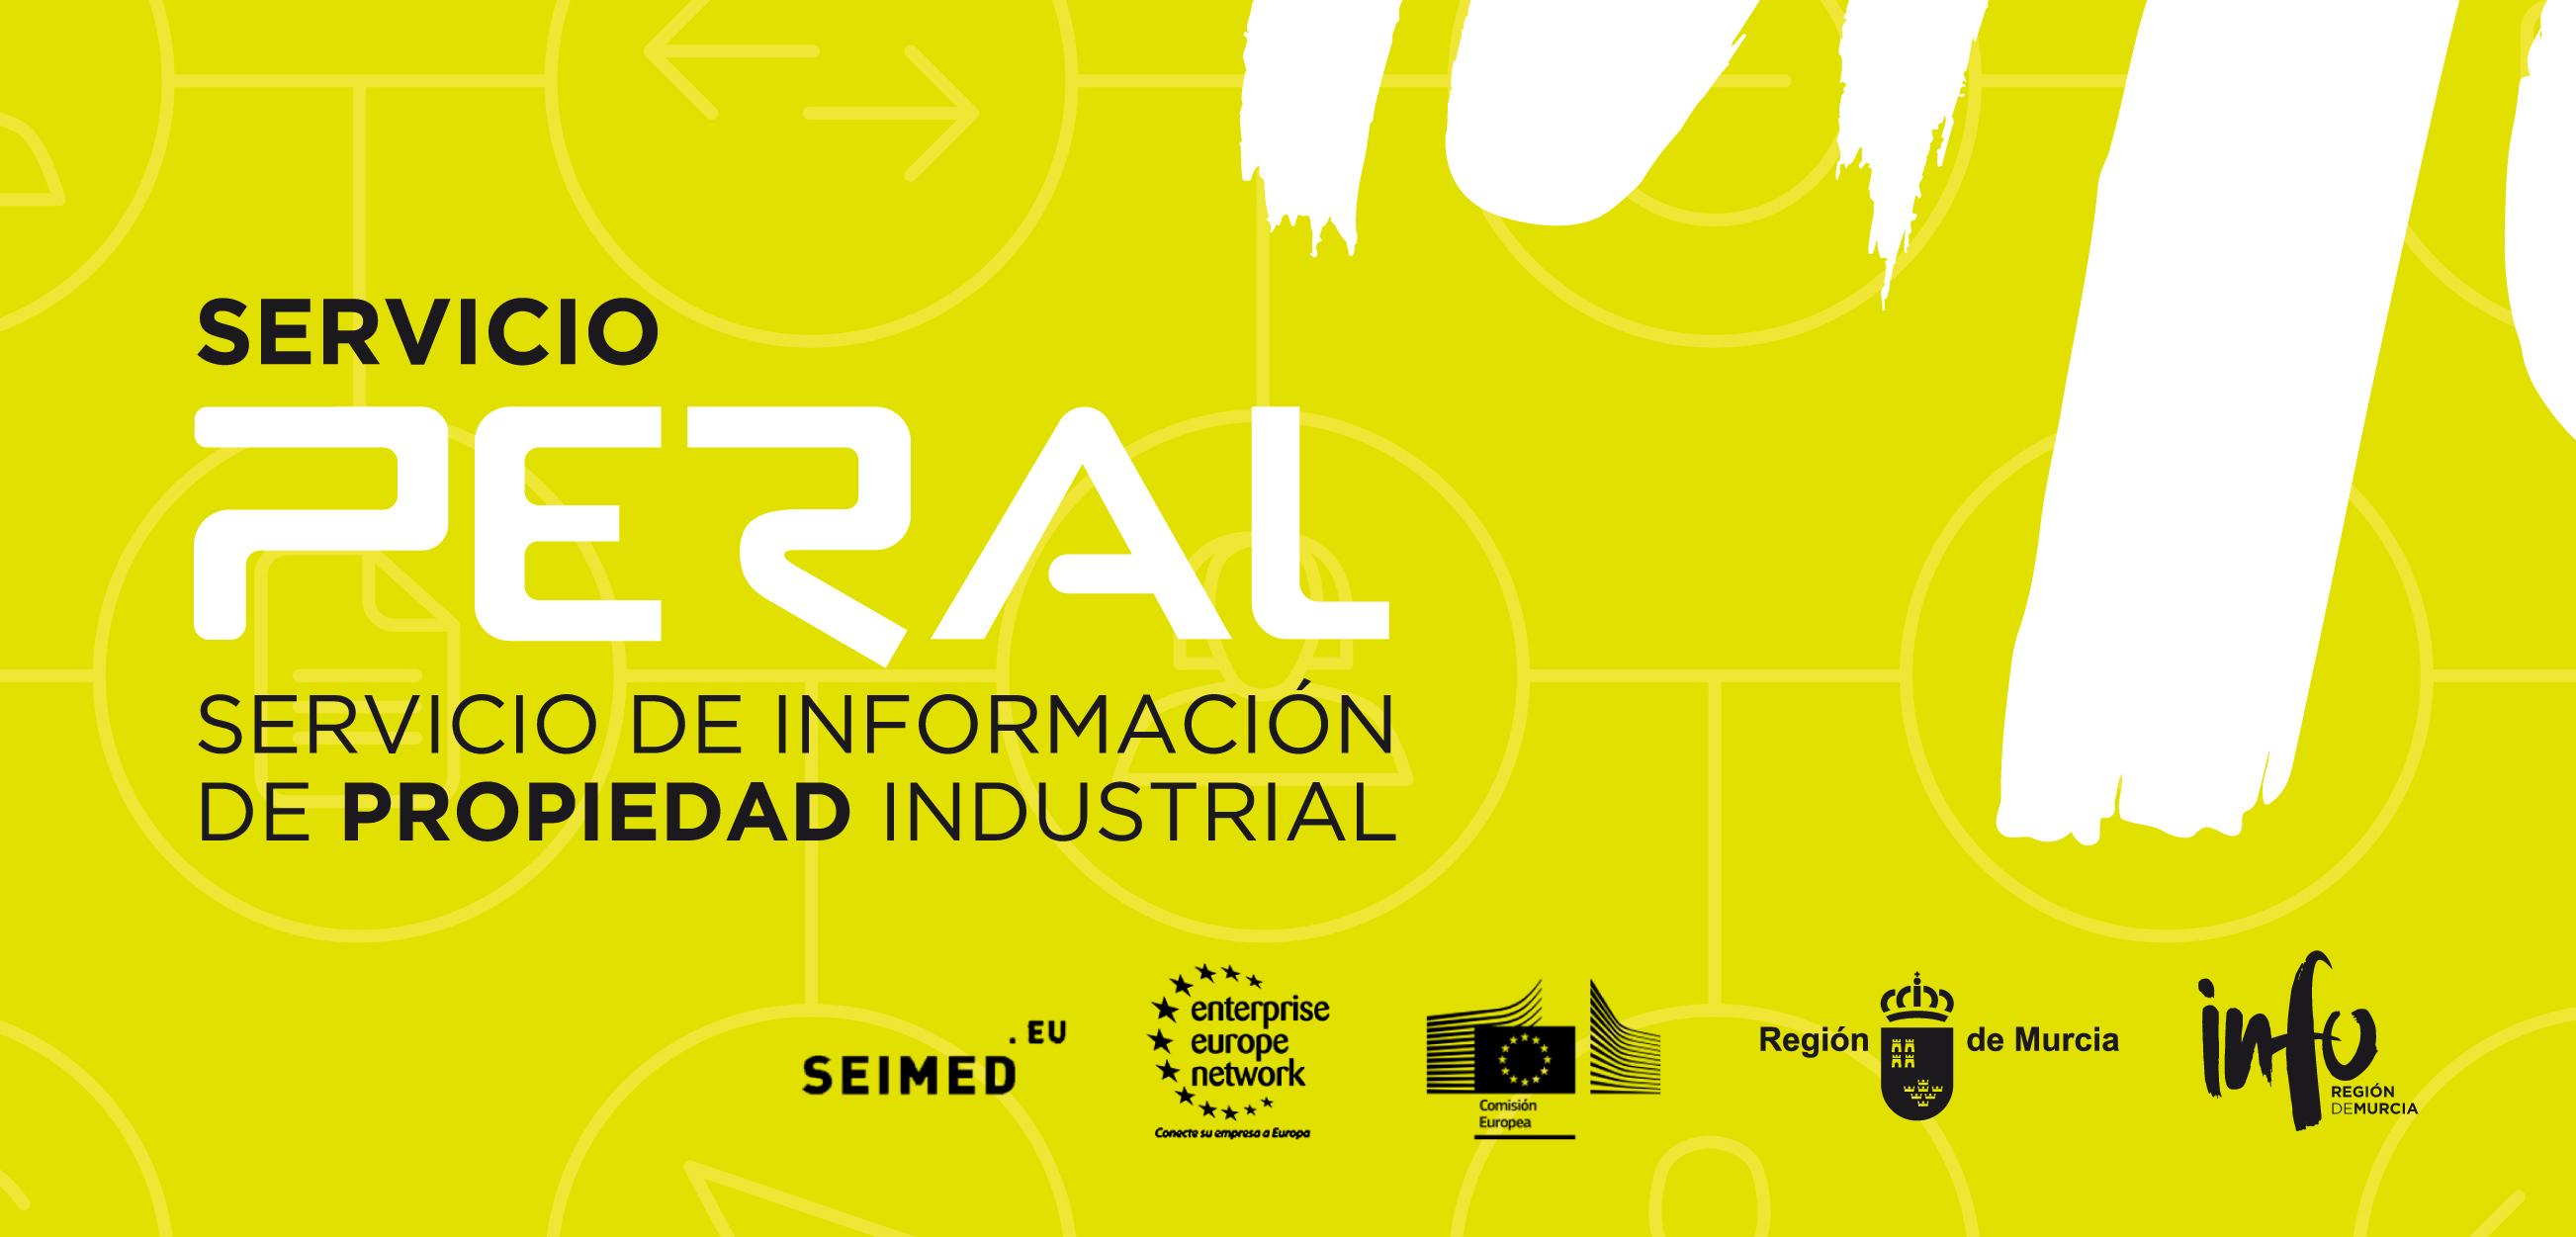 Servicio Peral:  orientación e información empresarial sobre patentes y marcas